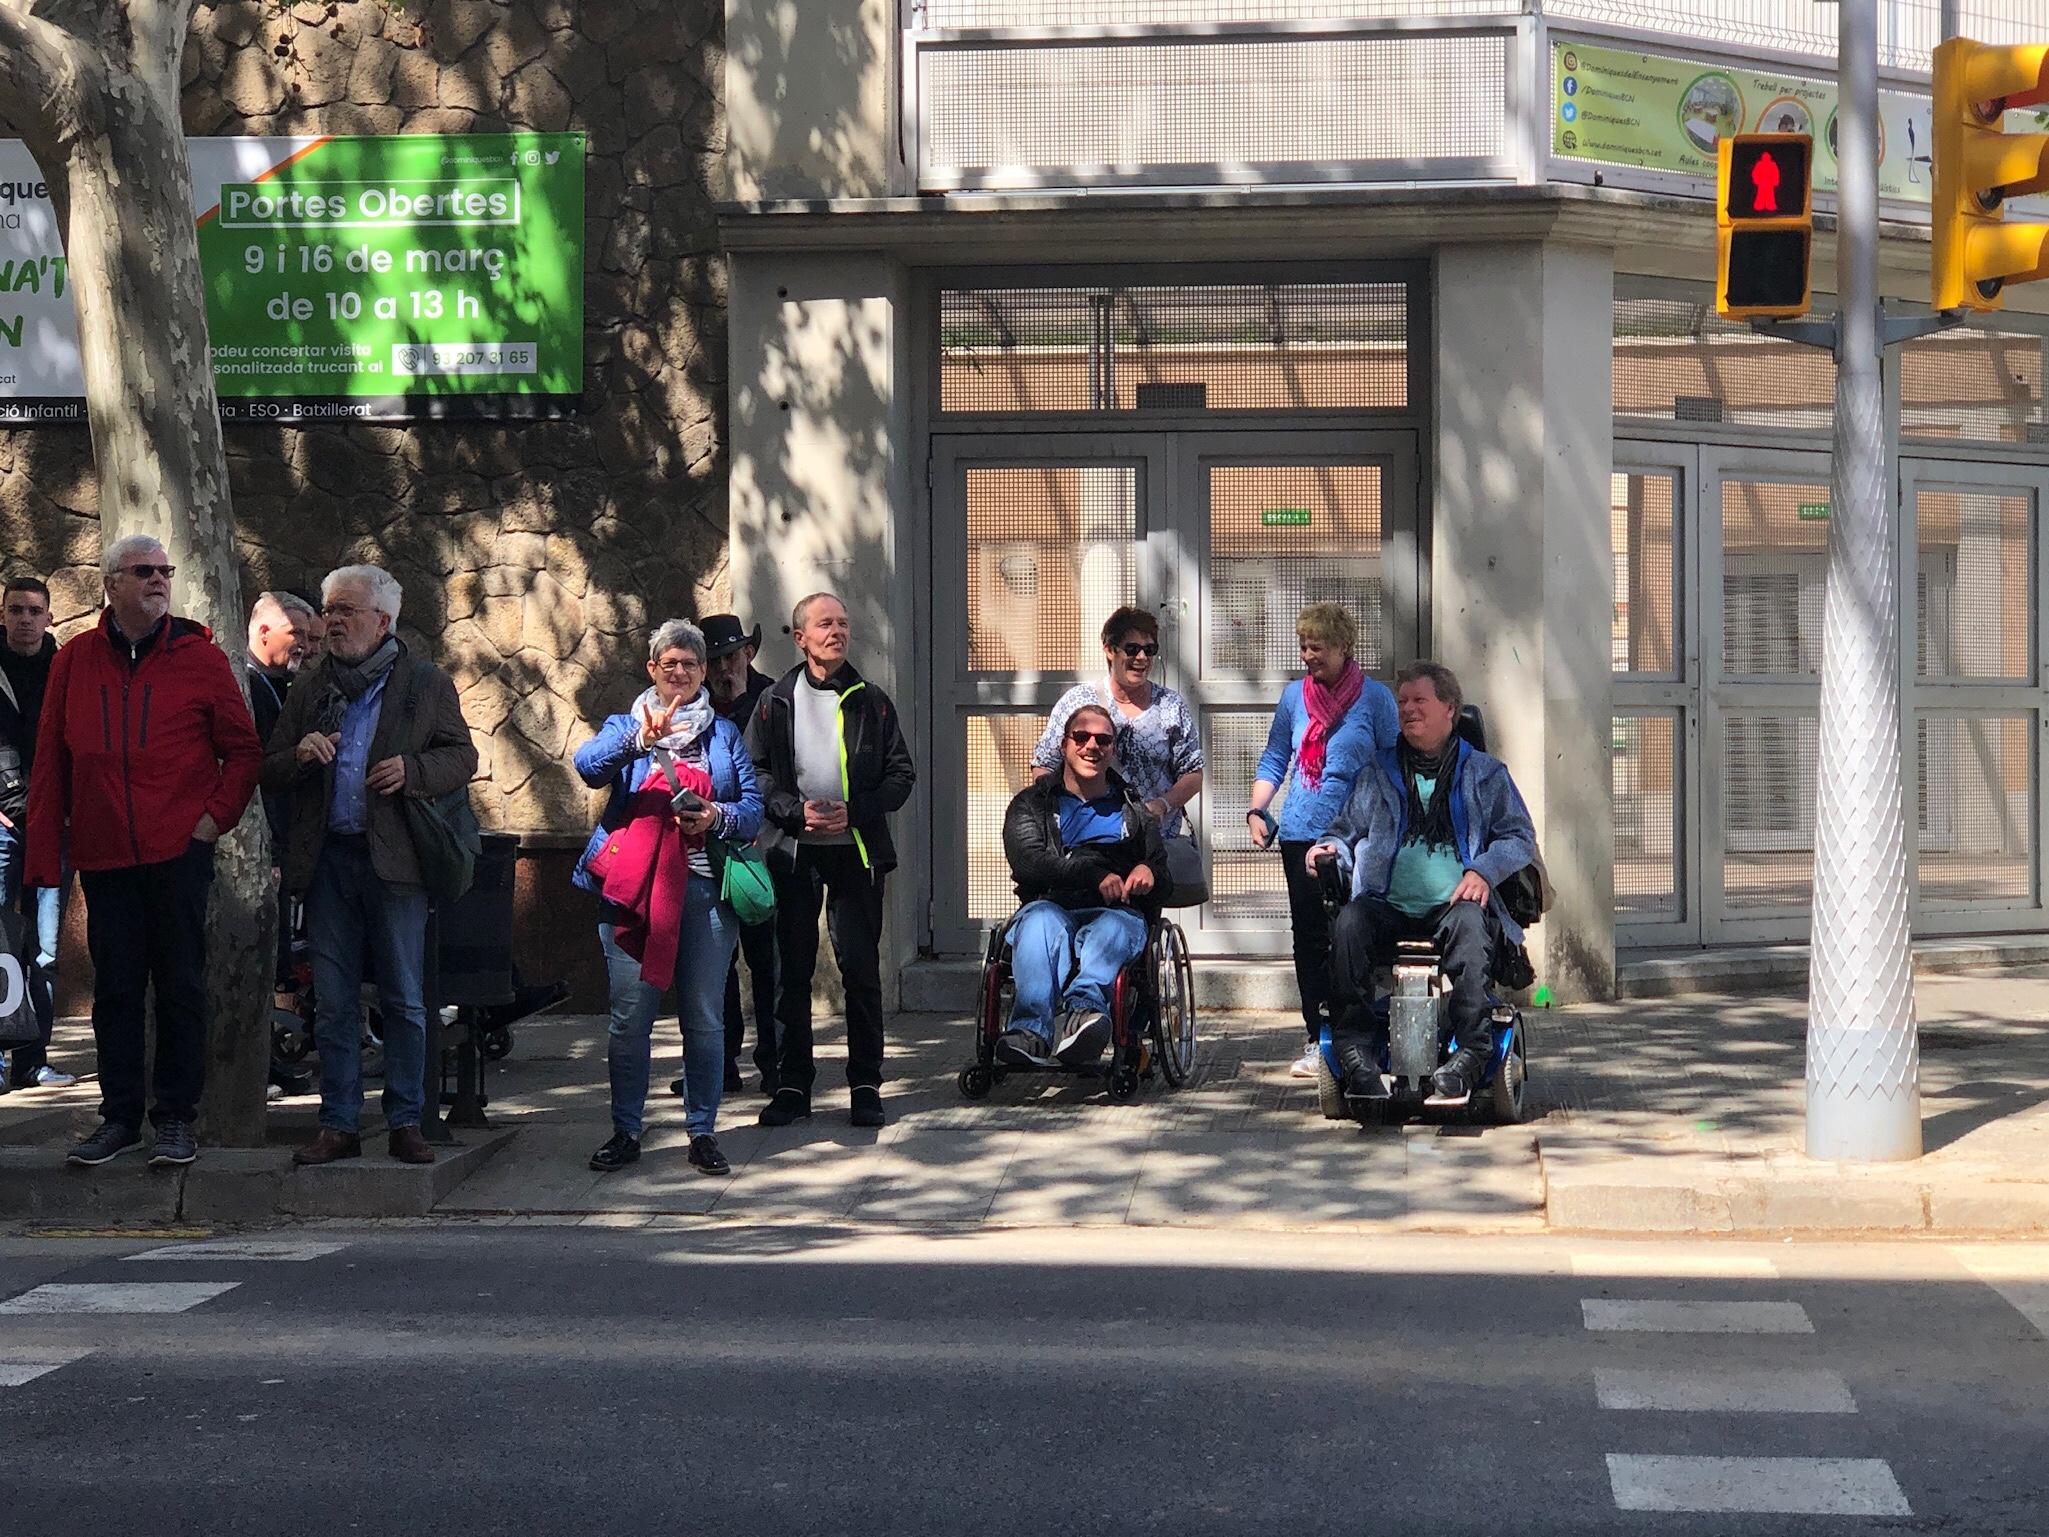 Teilnehmer der Inklusionstour stehen am Fußgängerüberweg in Barcelona